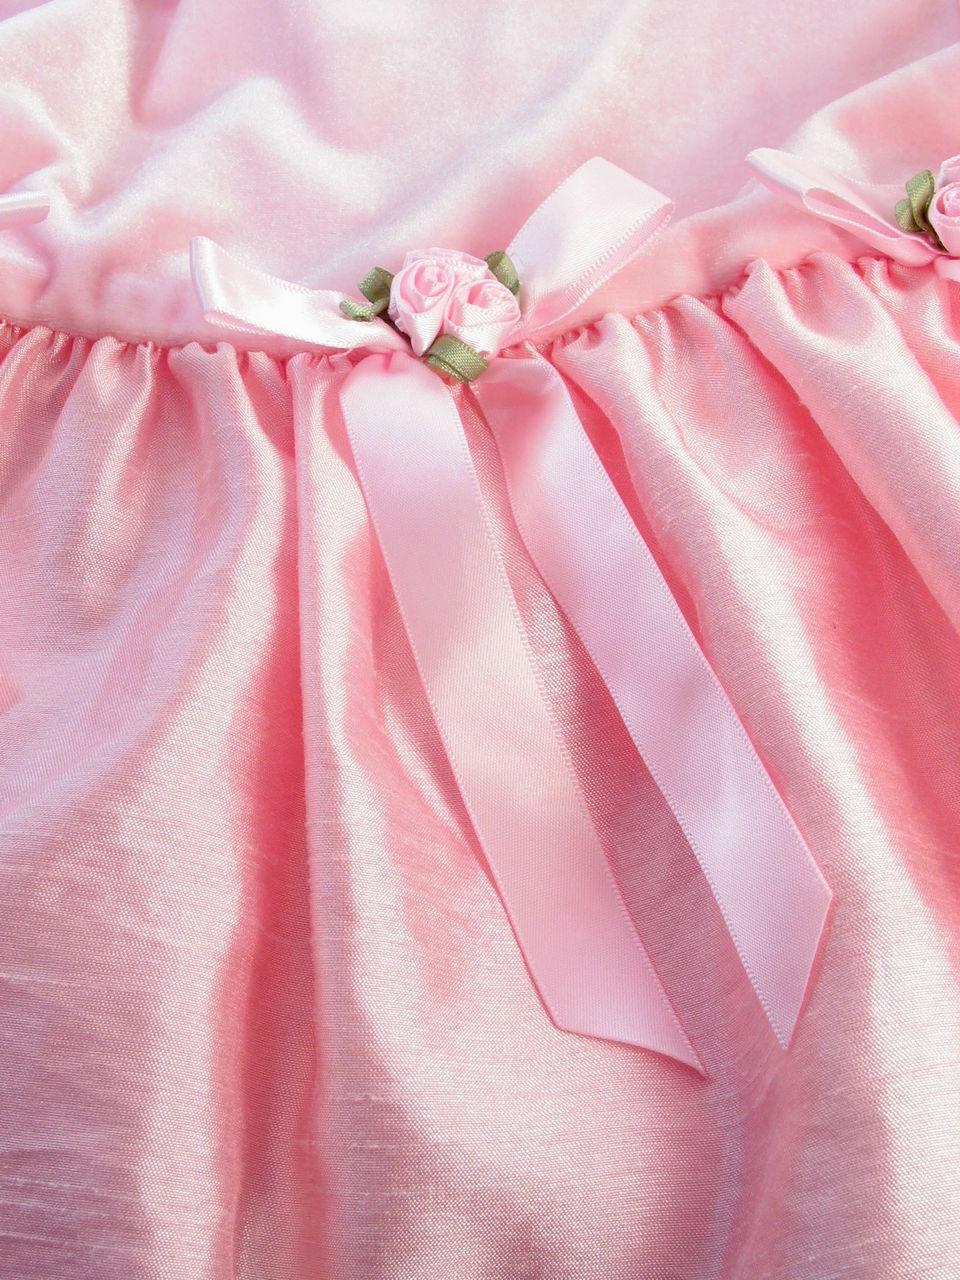 Full frame shot of pink dress